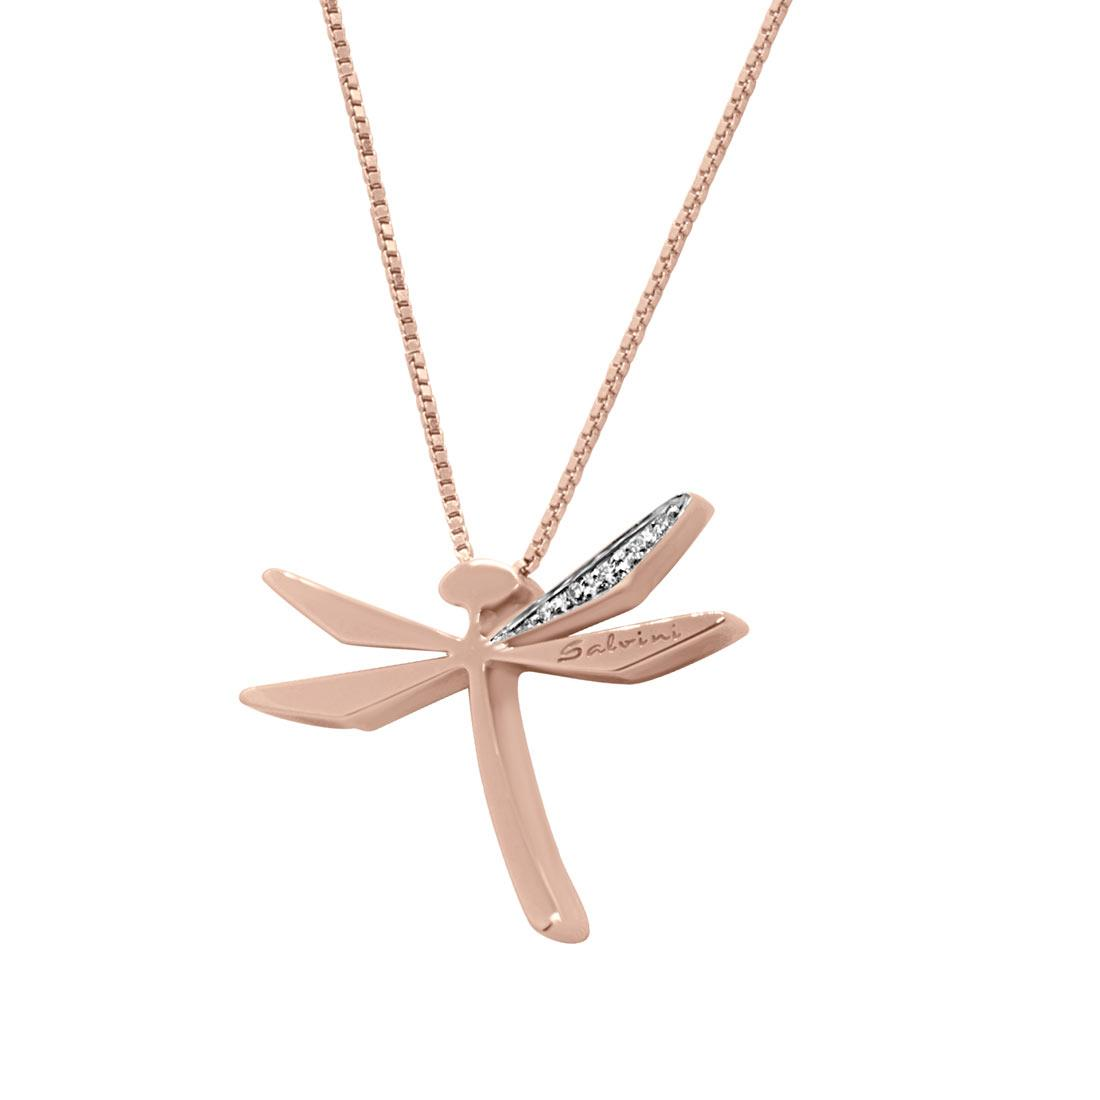 Collier Salvini oro rosa con diamanti - SALVINI